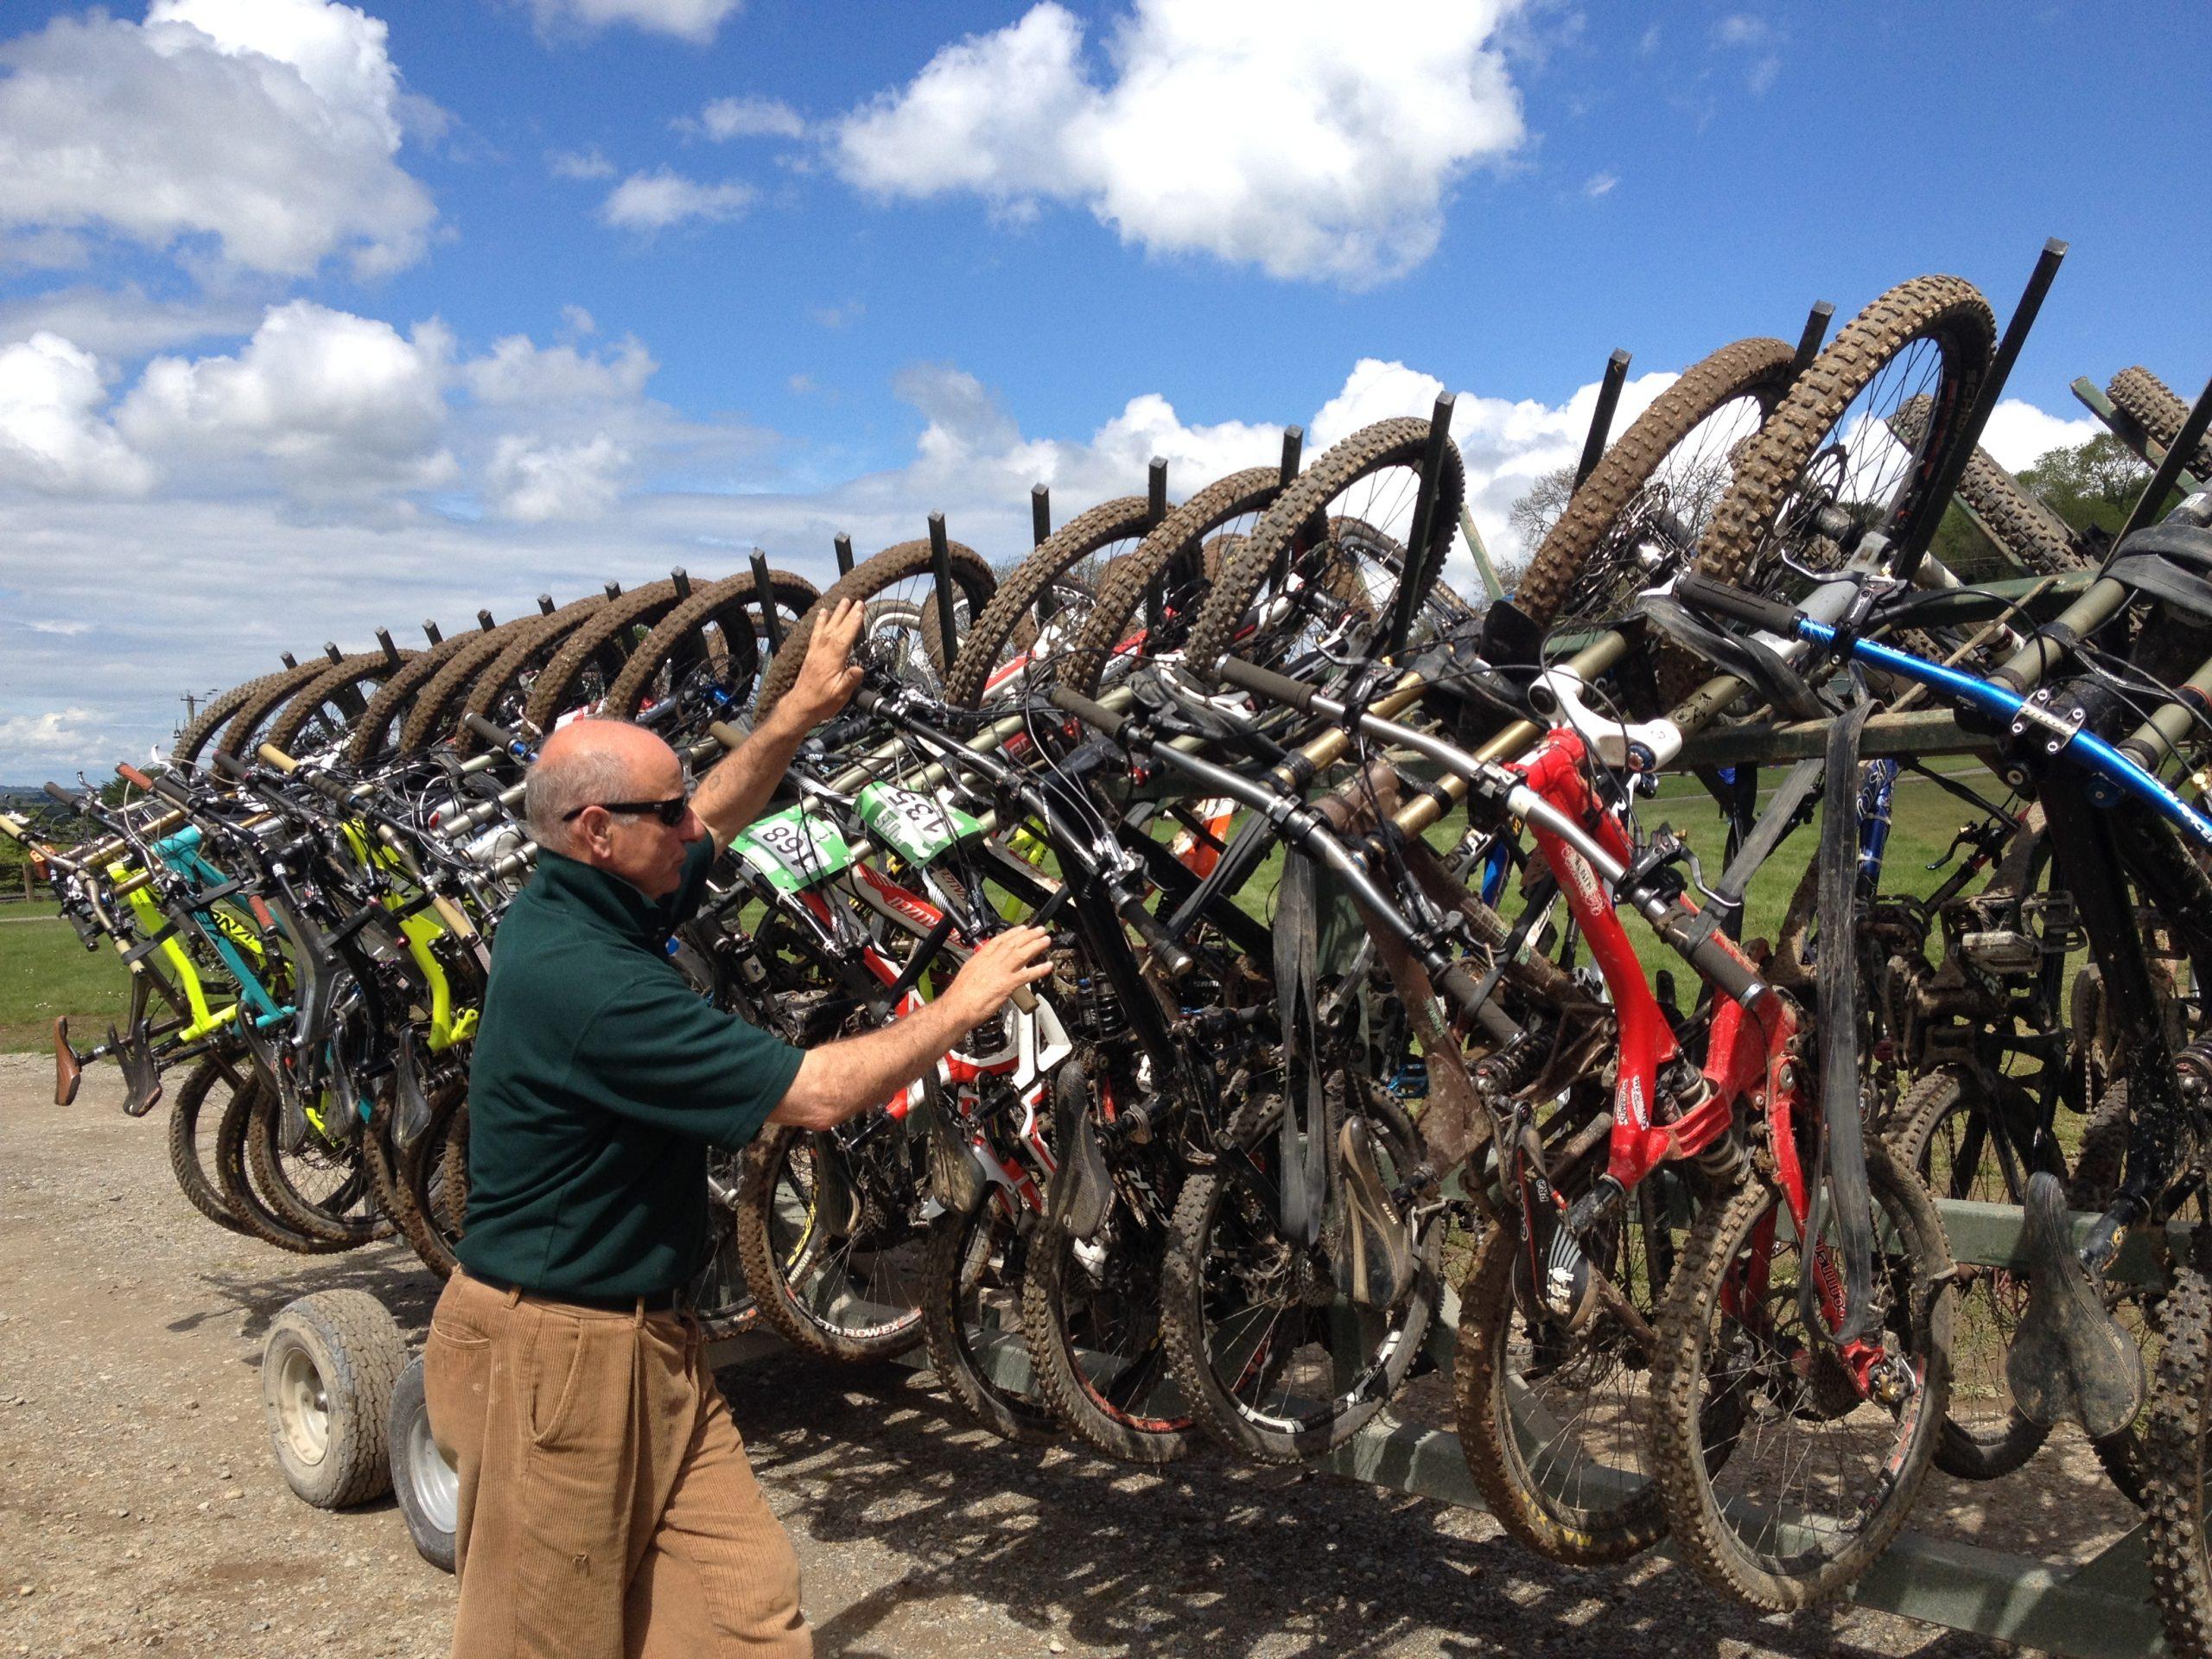 Bike Park Uplift